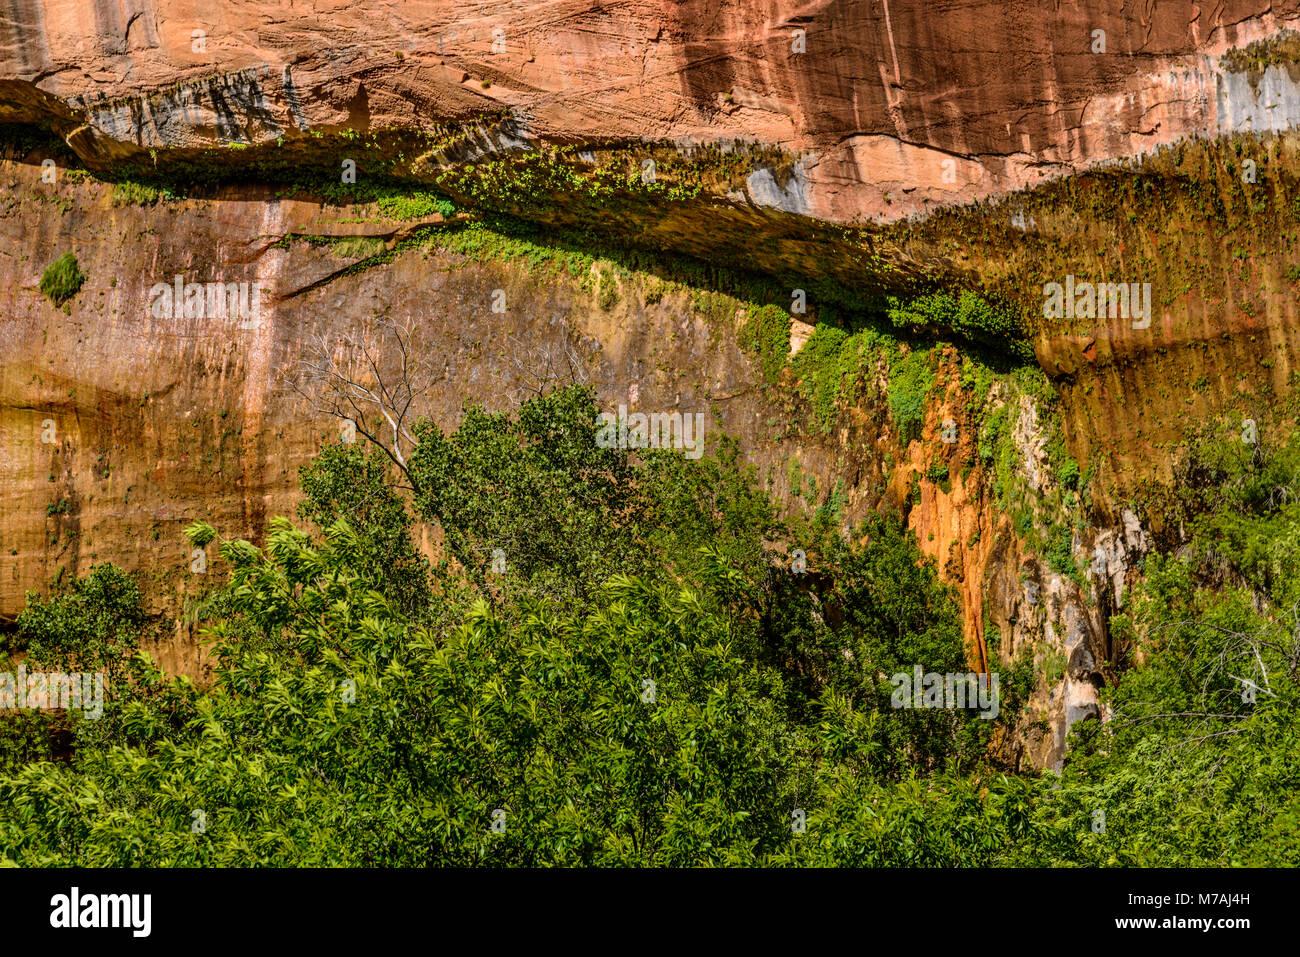 Los Estados Unidos, Utah, Condado de Washington, Springdale, el Parque Nacional de Zion, Zion Canyon, llorando rock Imagen De Stock